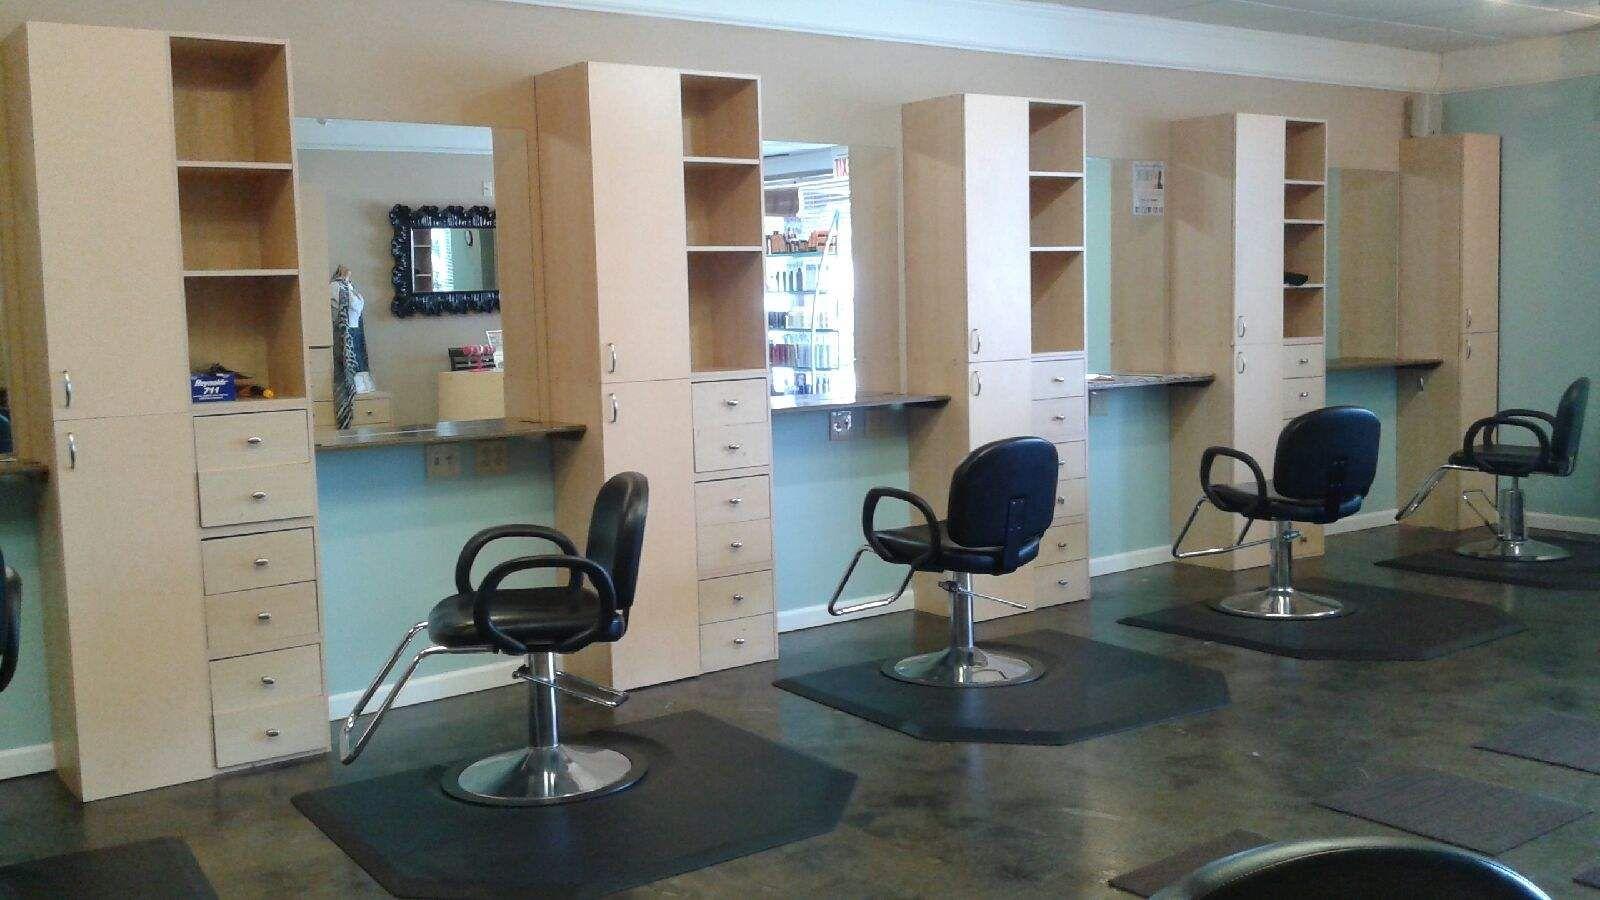 Hairstylist booth rentals only 190 wk alpharetta ga